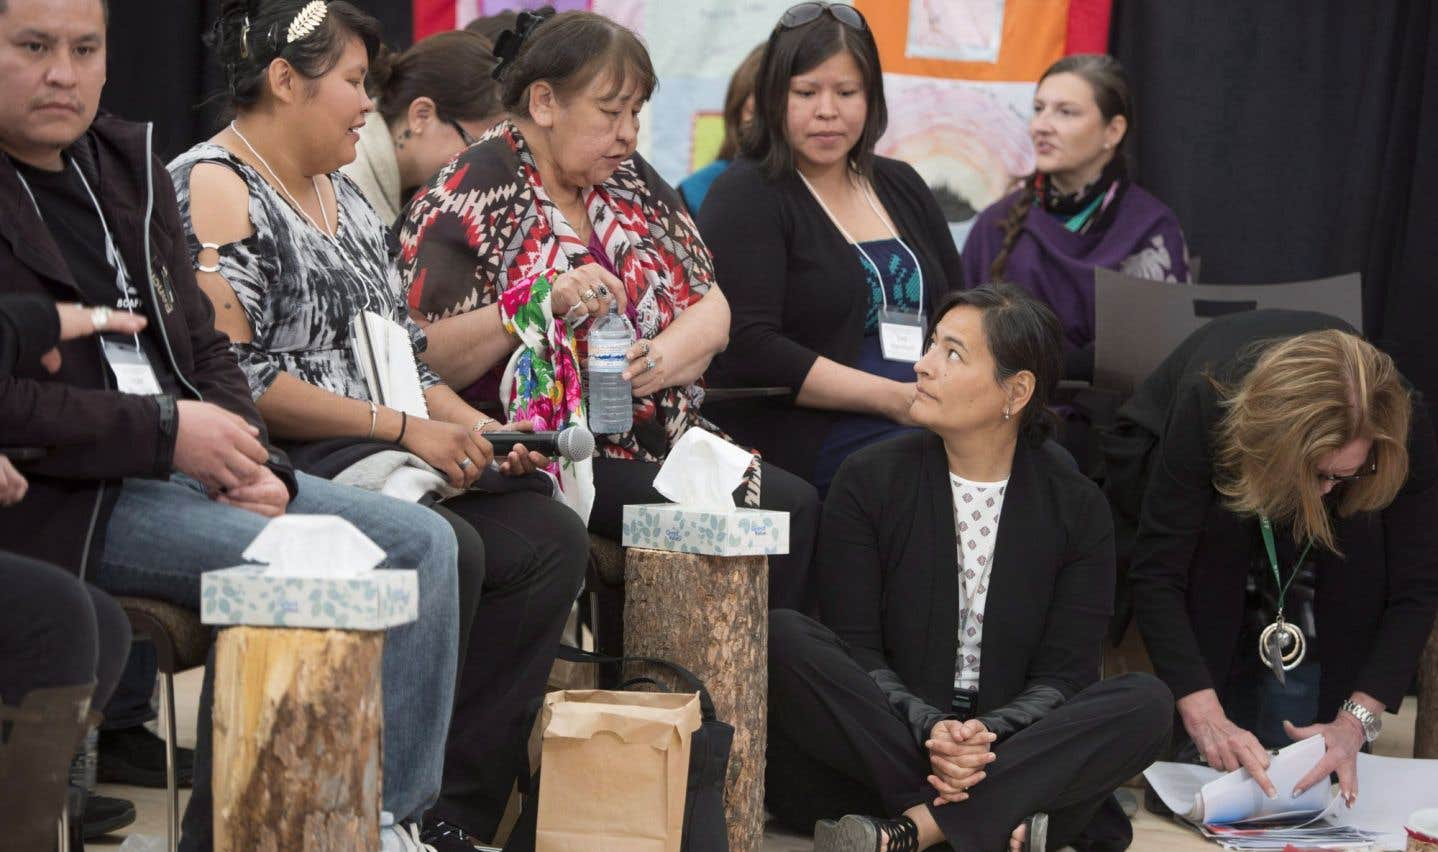 La commission sur les femmes autochtones en panne de leadership